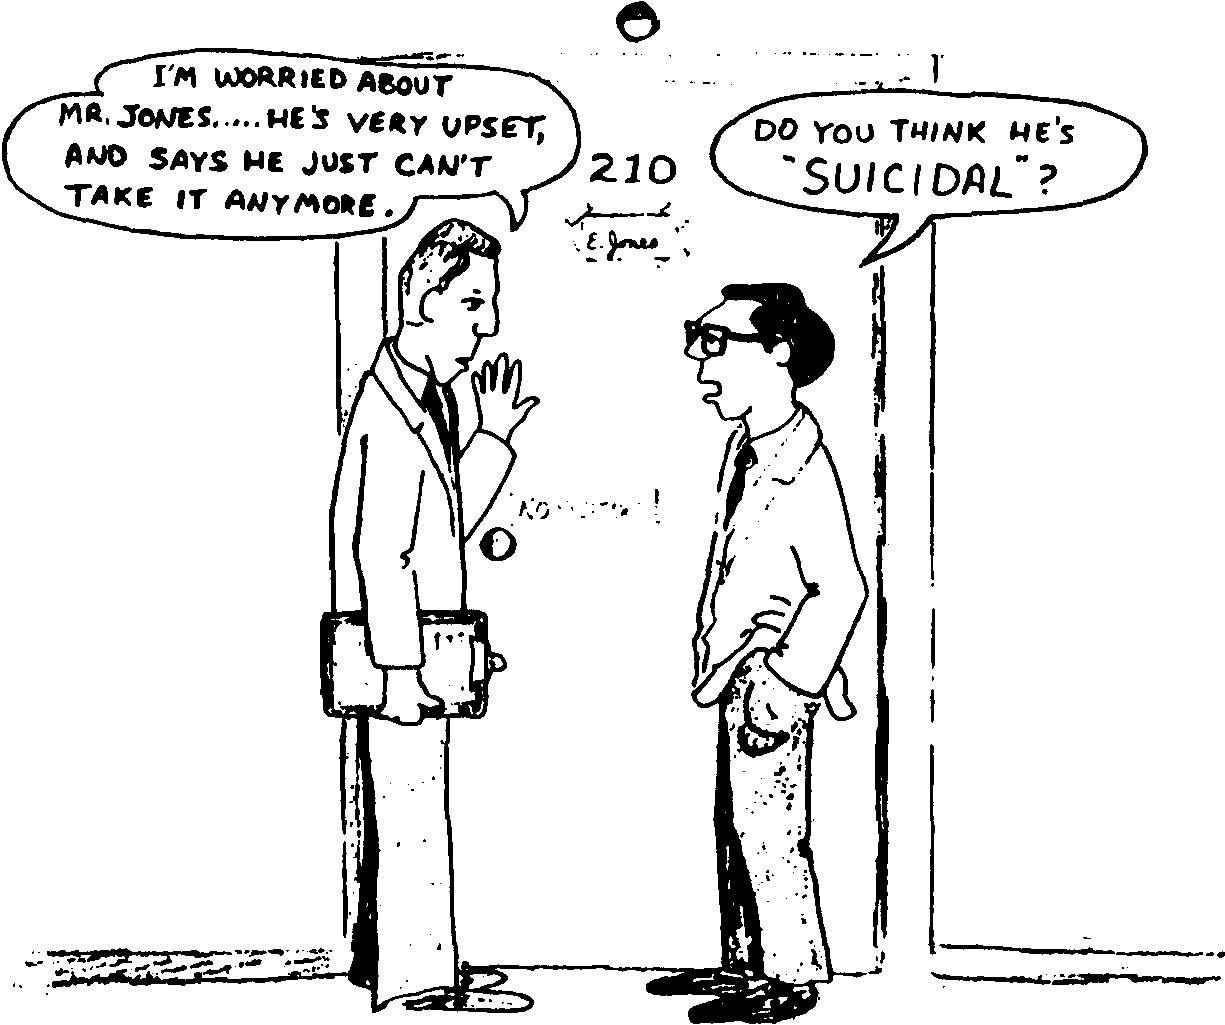 De todo un poco: CHAPTER 3. THE DEPRESSED AND SUICIDAL PATIENT